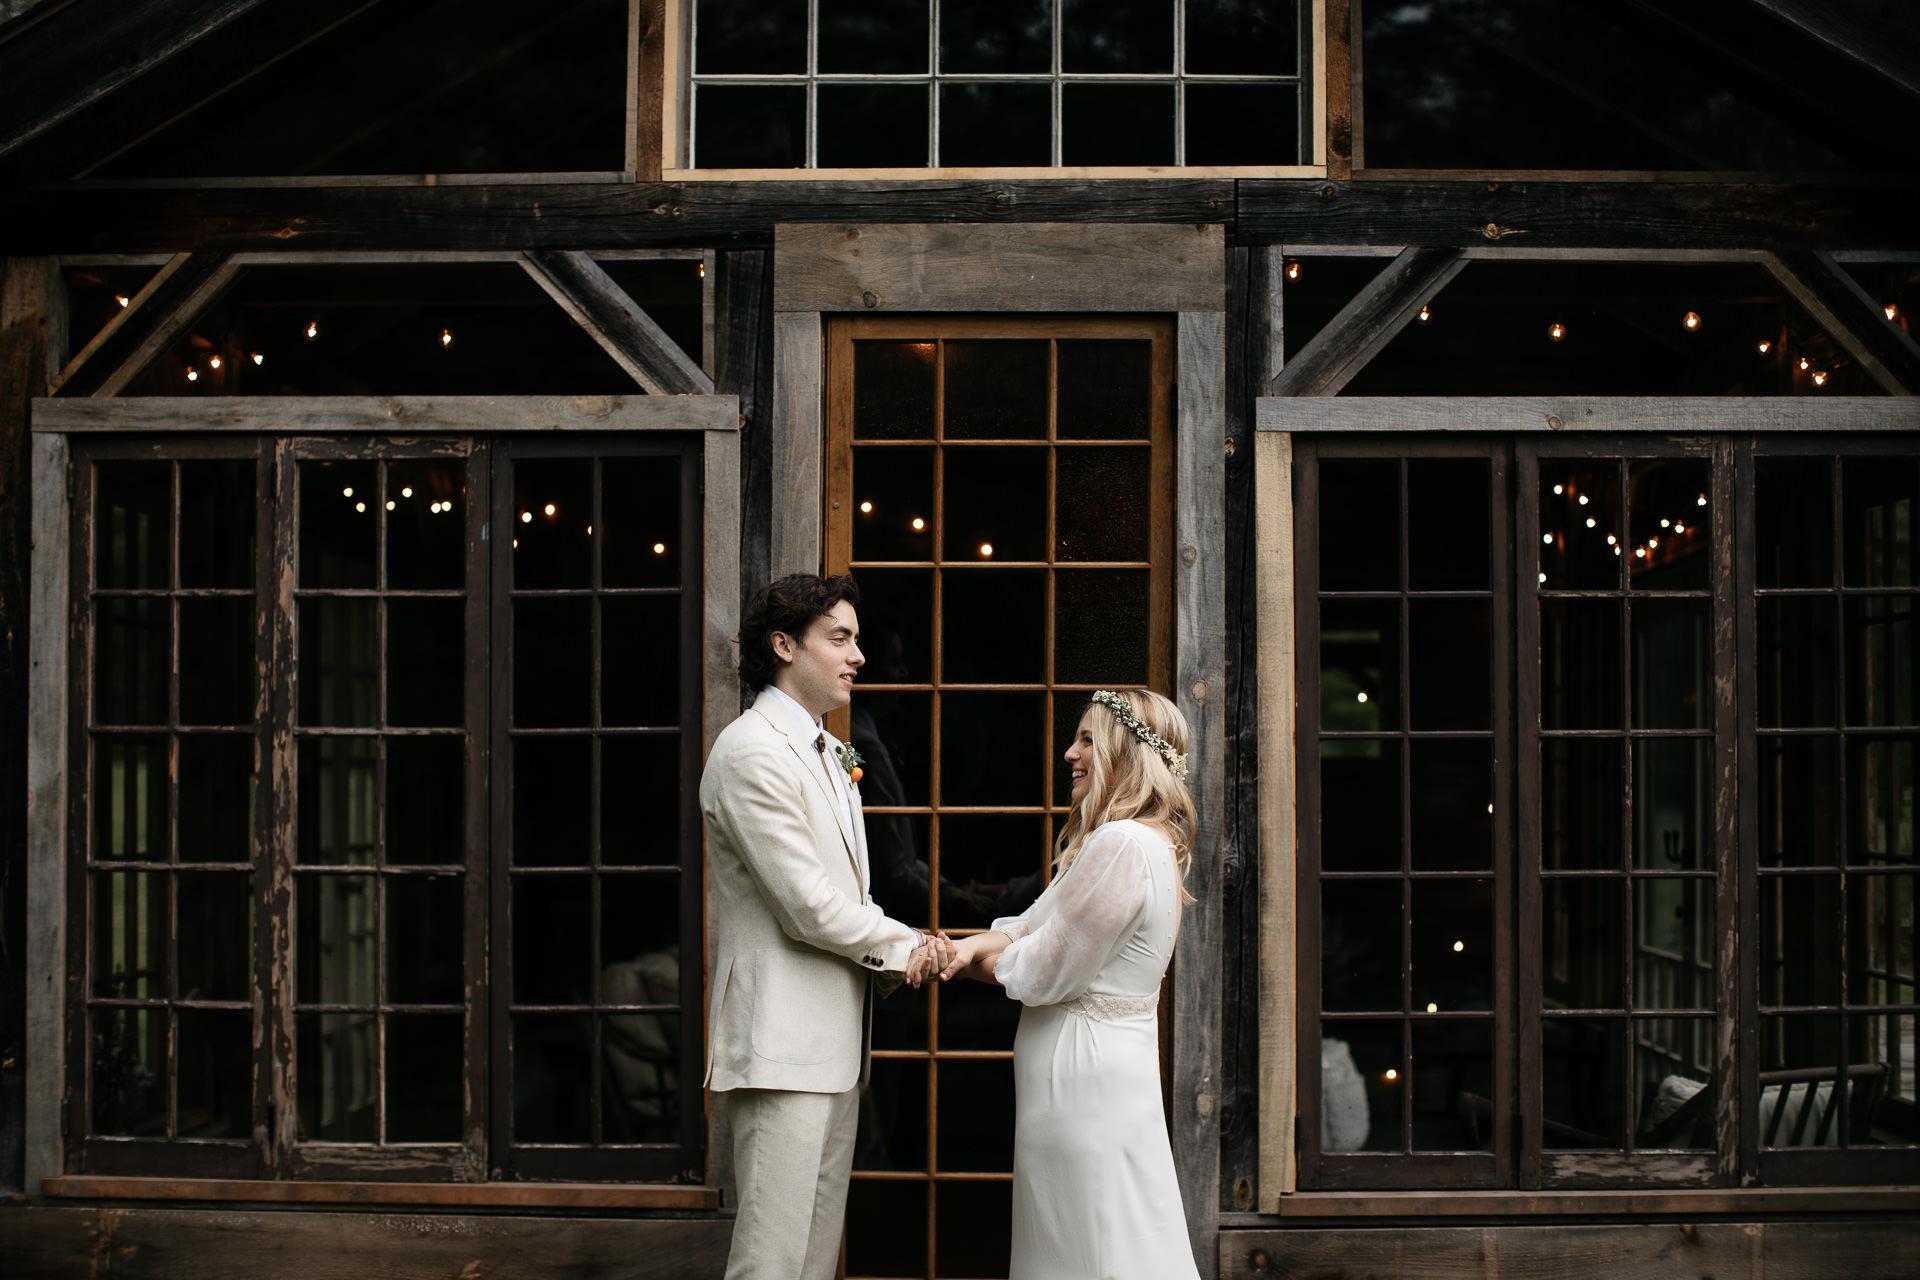 Boho Catskills Wedding at Foxfire Mountain House, NY by Jean-Laurent Gaudy Photography